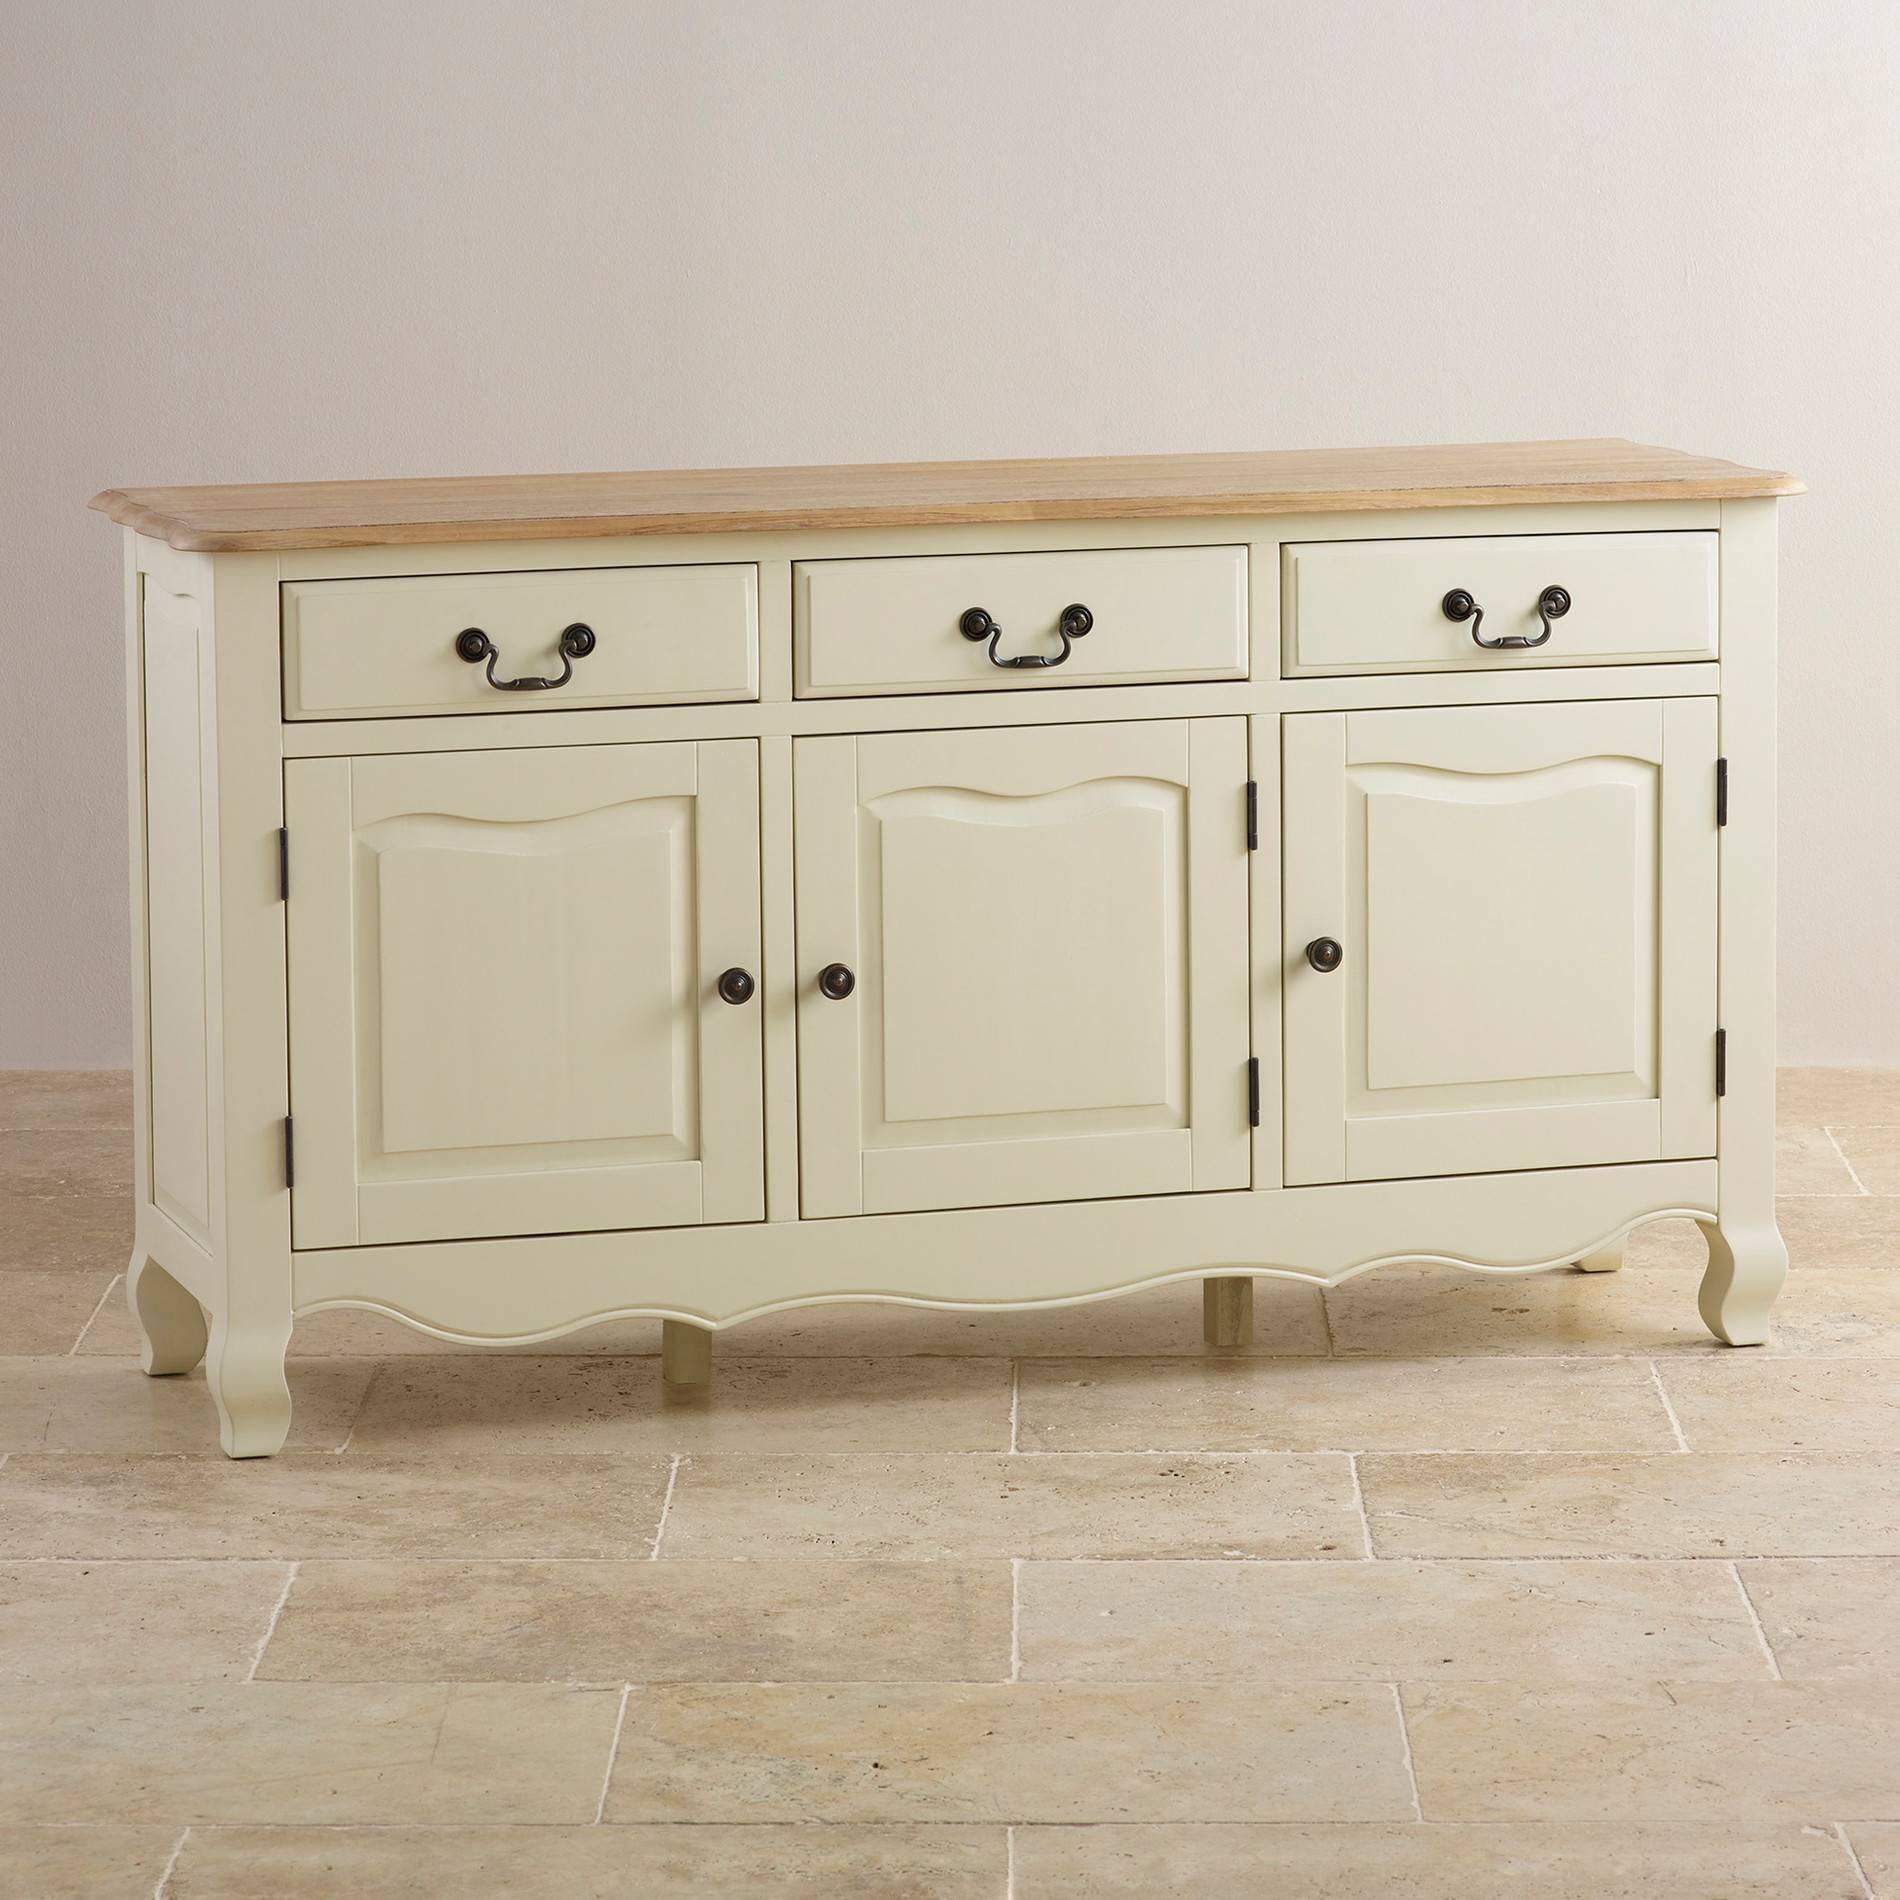 Sideboards | 100% Solid Hardwood | Oak Furniture Land In White Sideboards For Sale (#8 of 20)